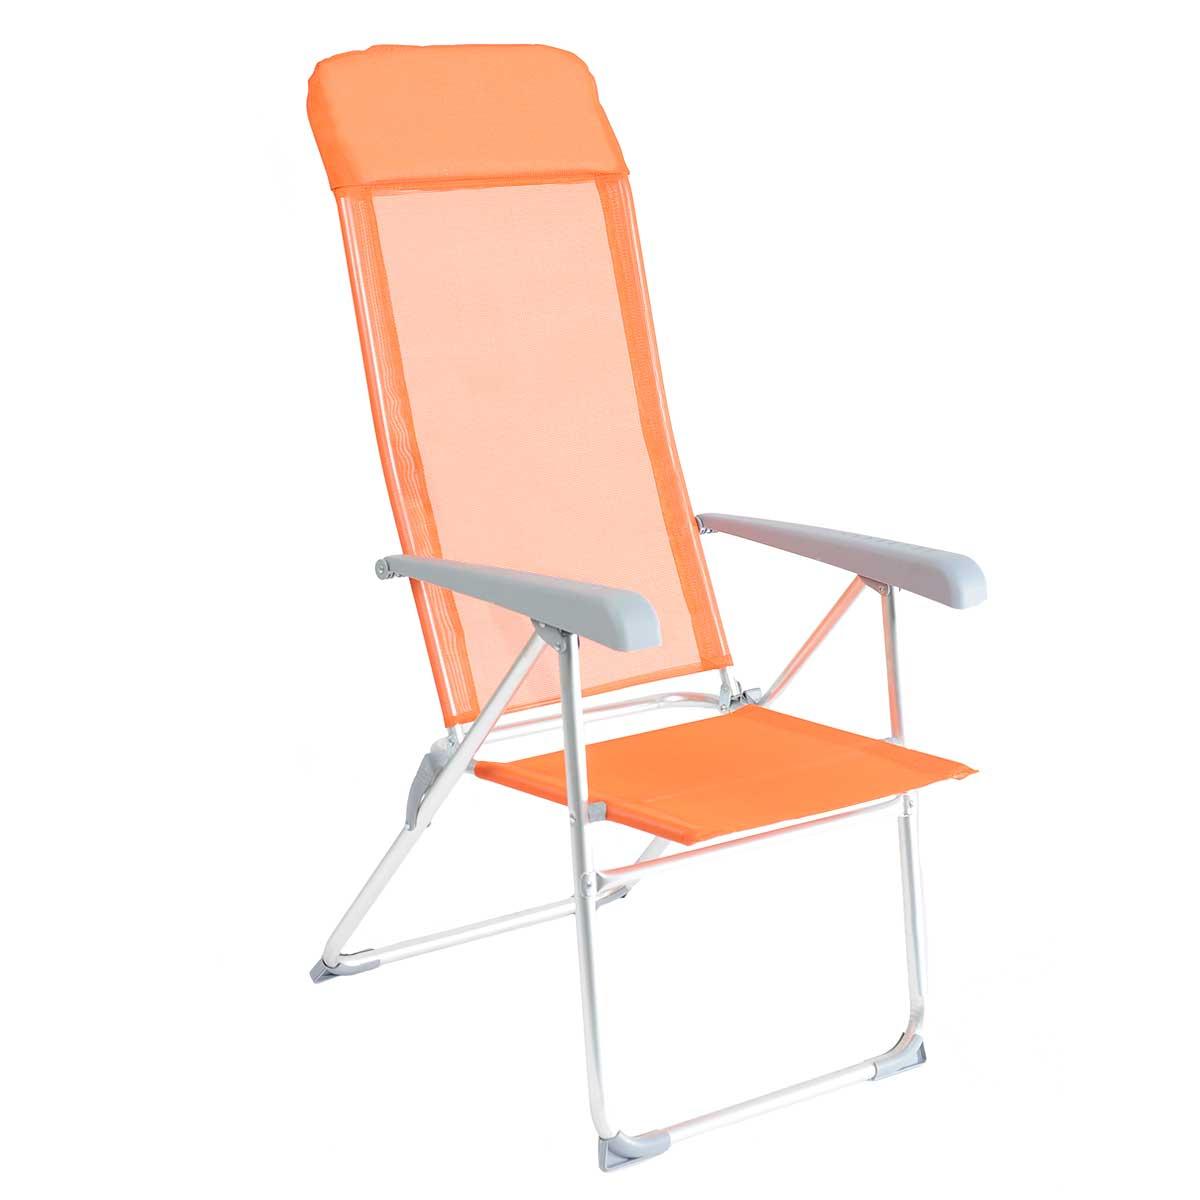 Кресло складное Woodland Dacha, 66 см х 58 см х 118 см0036512Складное кресло Woodland Dacha предназначено для создания комфортных условий в туристических походах, рыбалке и кемпинге. Особенности: Компактная складная конструкция. Прочный алюминиевый каркас, диаметр 19/22 мм. Ткань Textilene обеспечивает отличную вентиляцию.